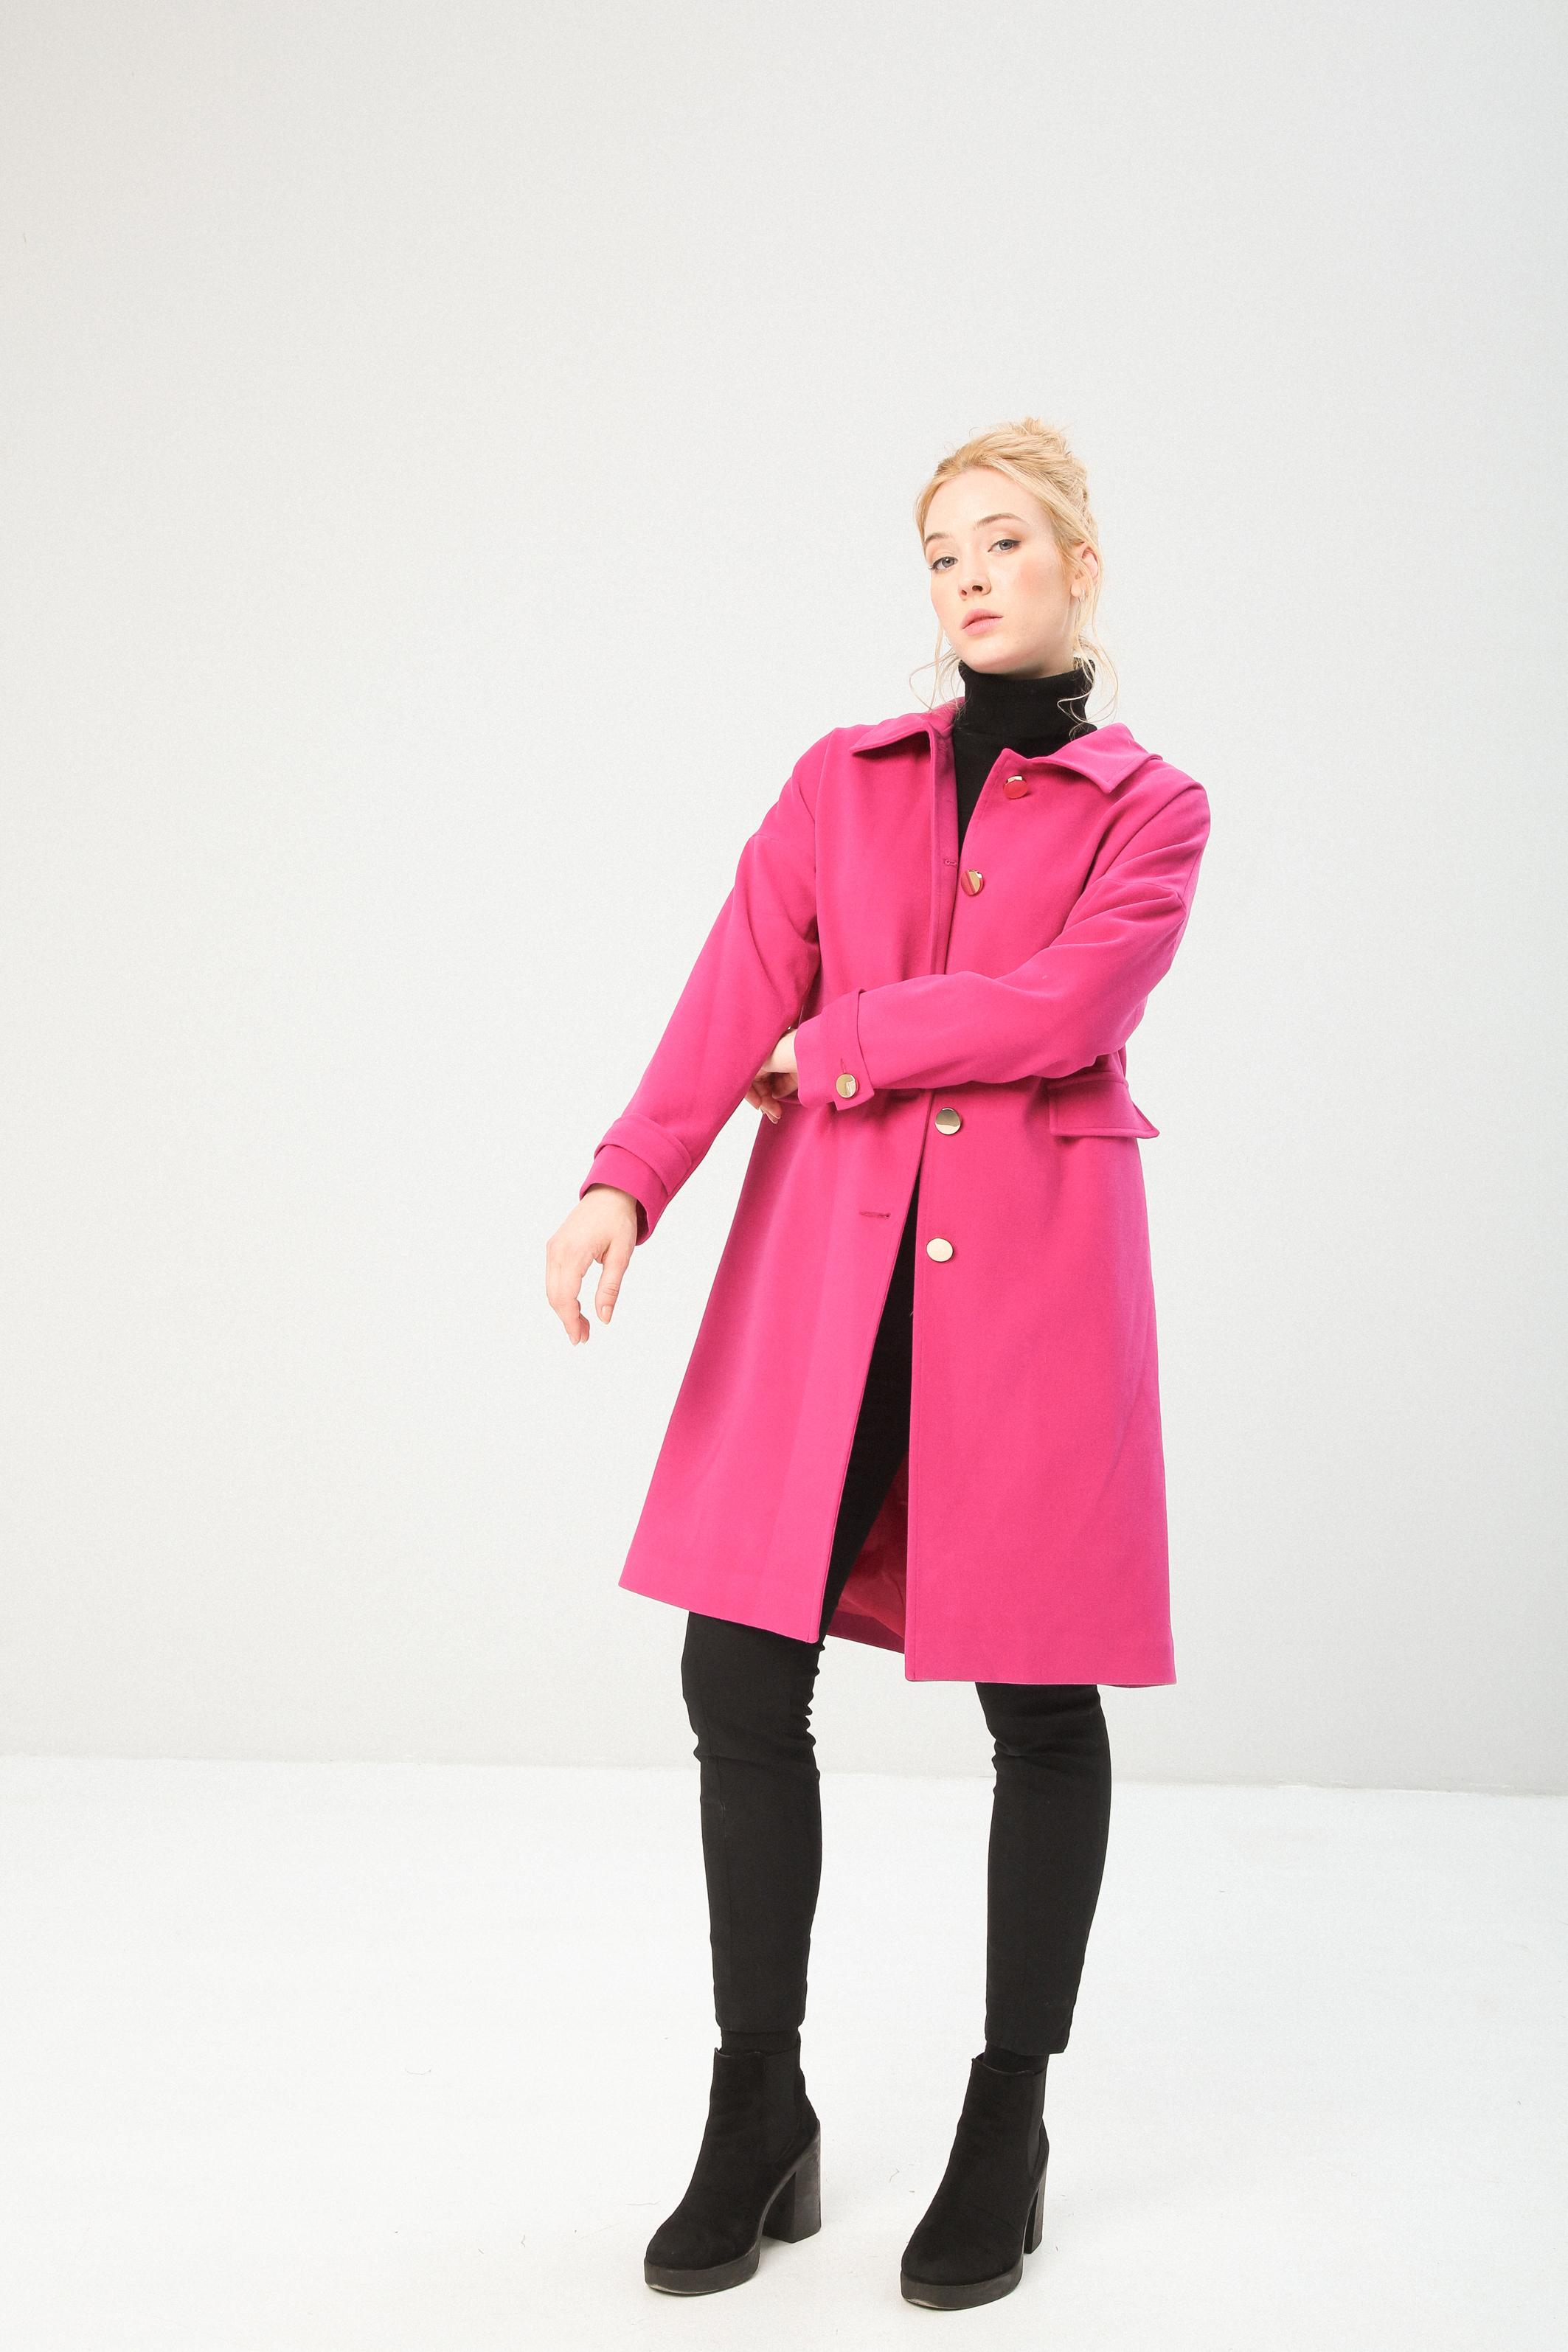 Manteau  Fontana 2.0 7VWW03V2016 pink